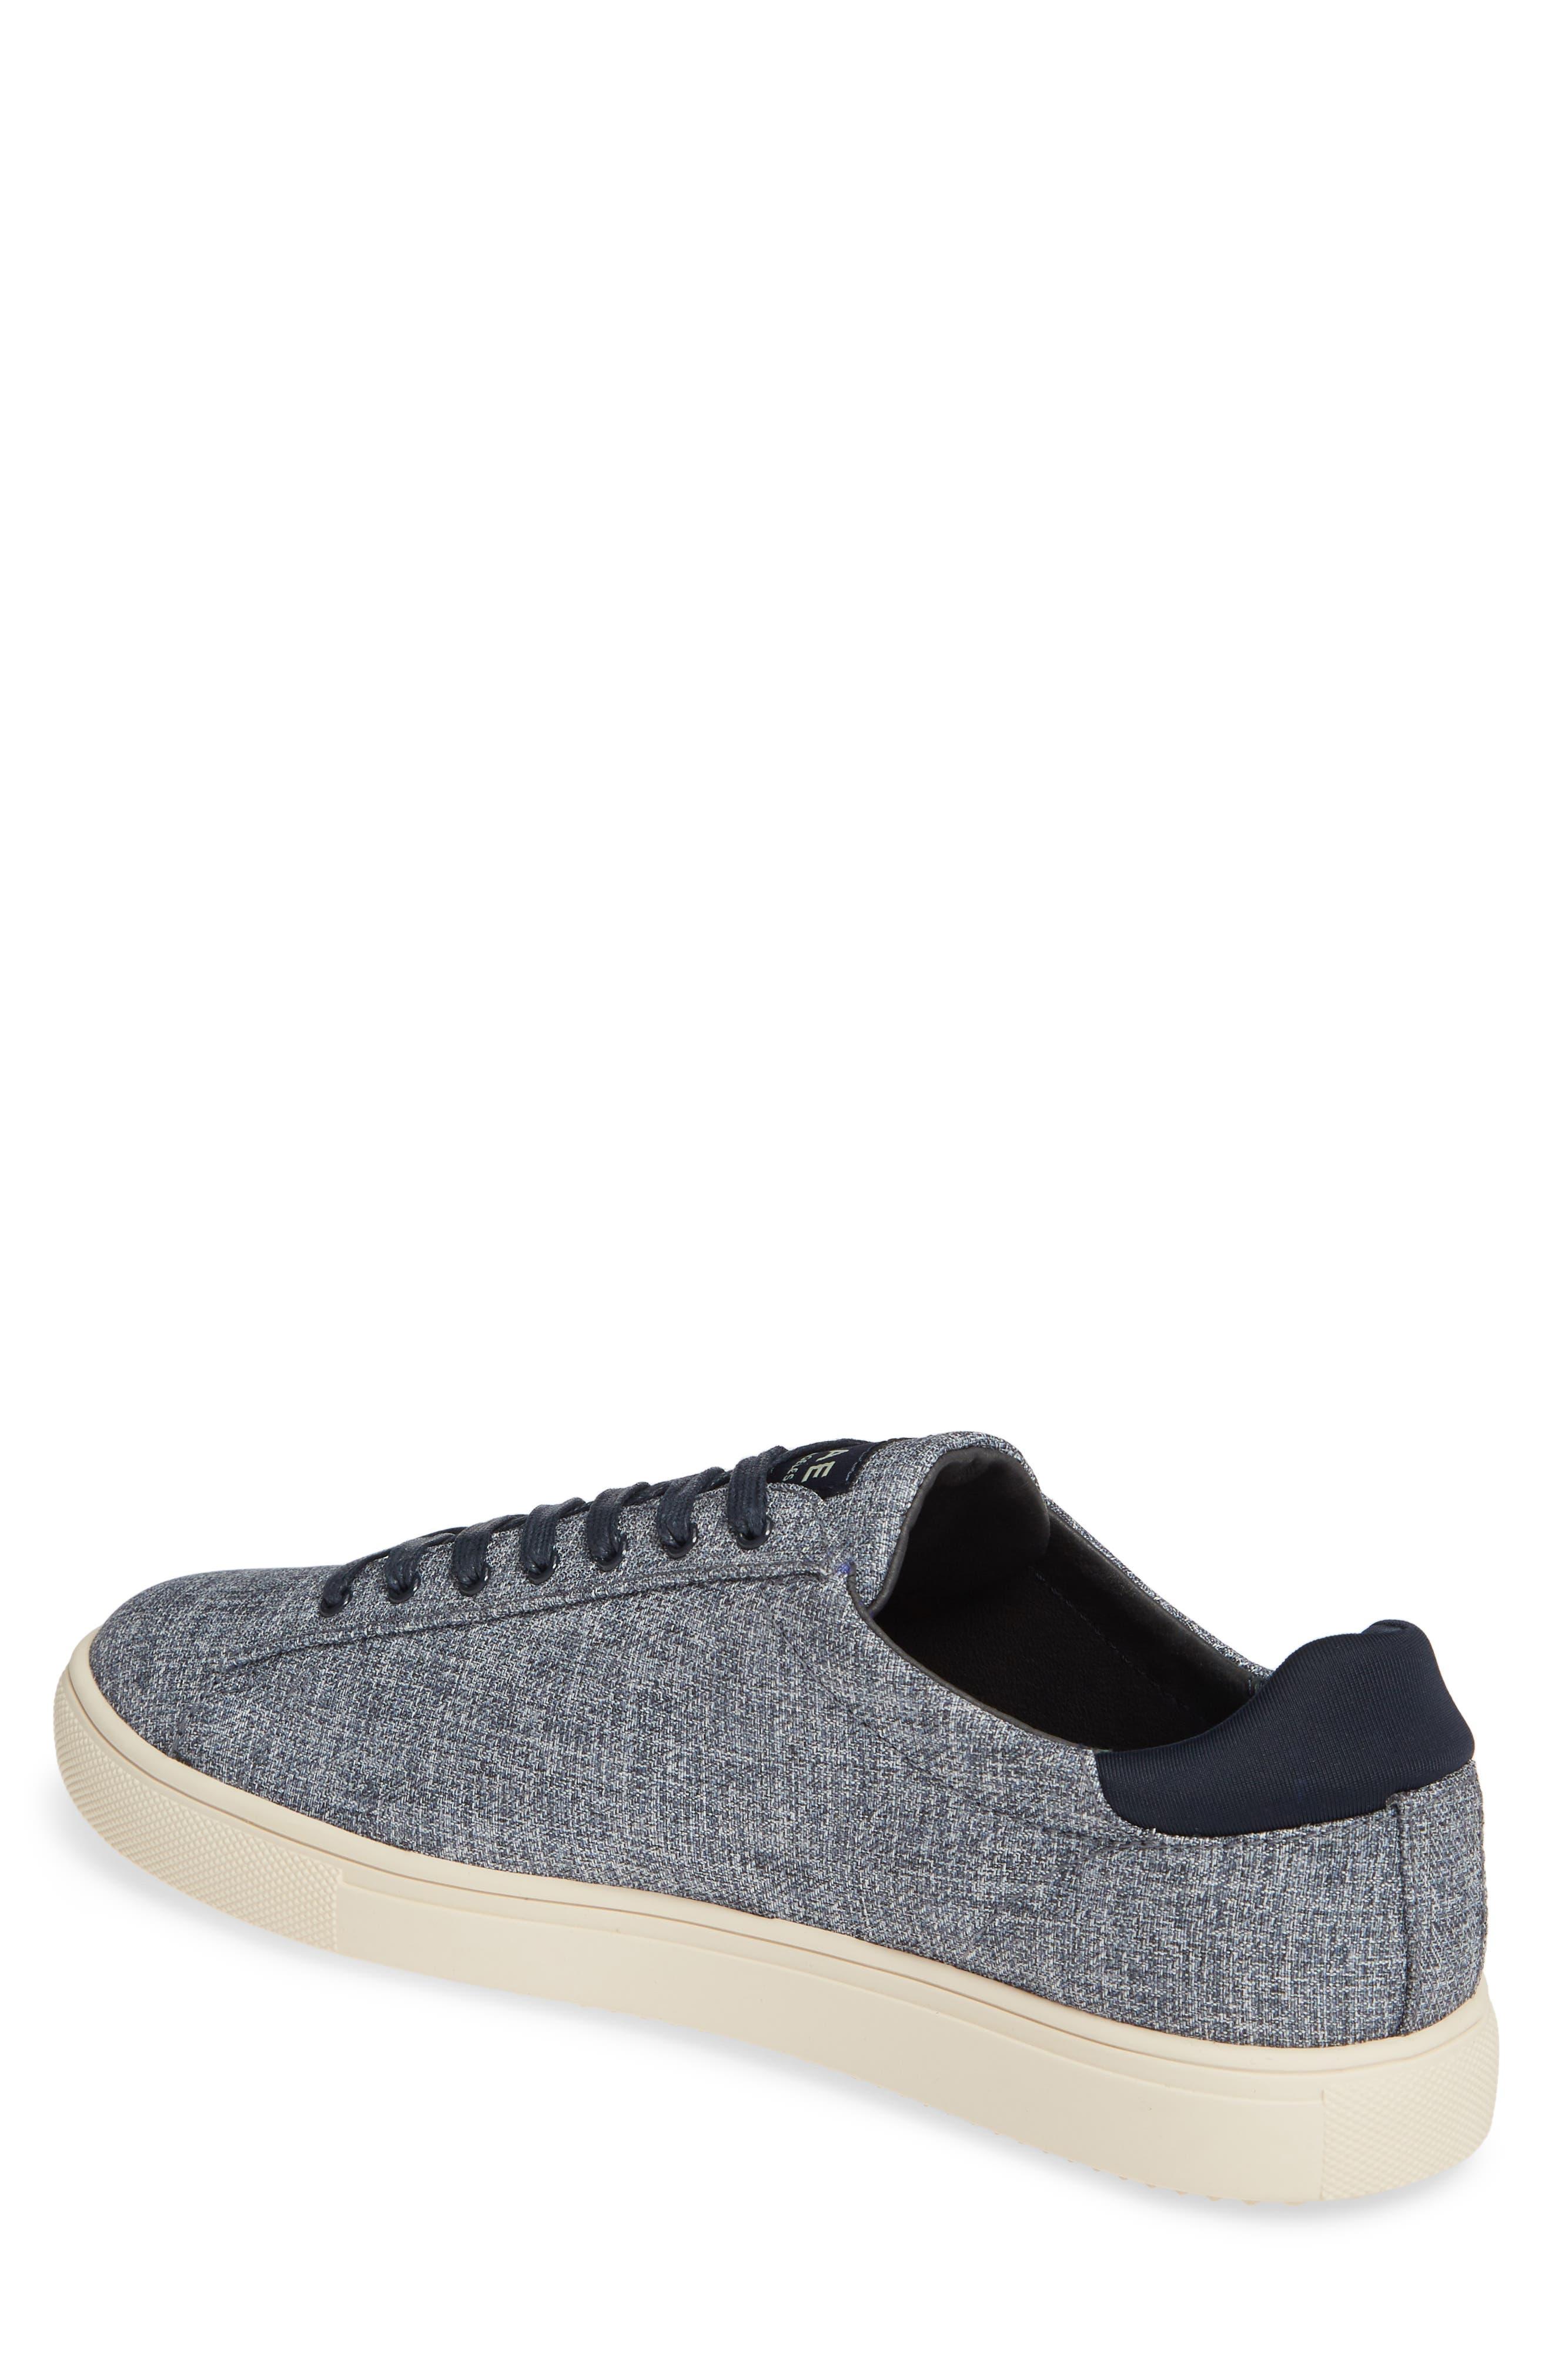 1d6fbc087c1 Men s CLAE Shoes